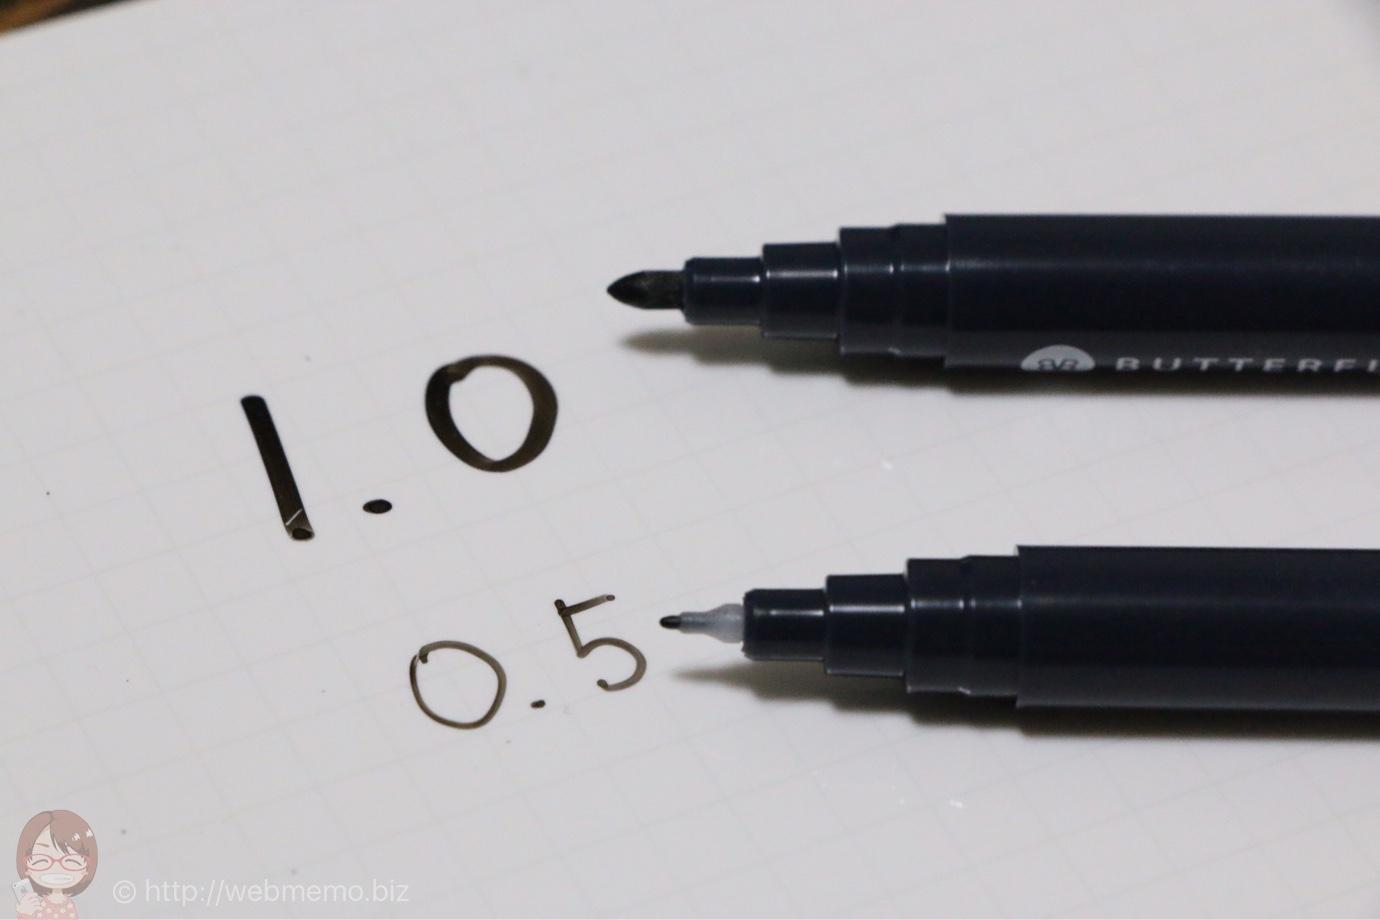 バタフライボード2 0.5mmのペン